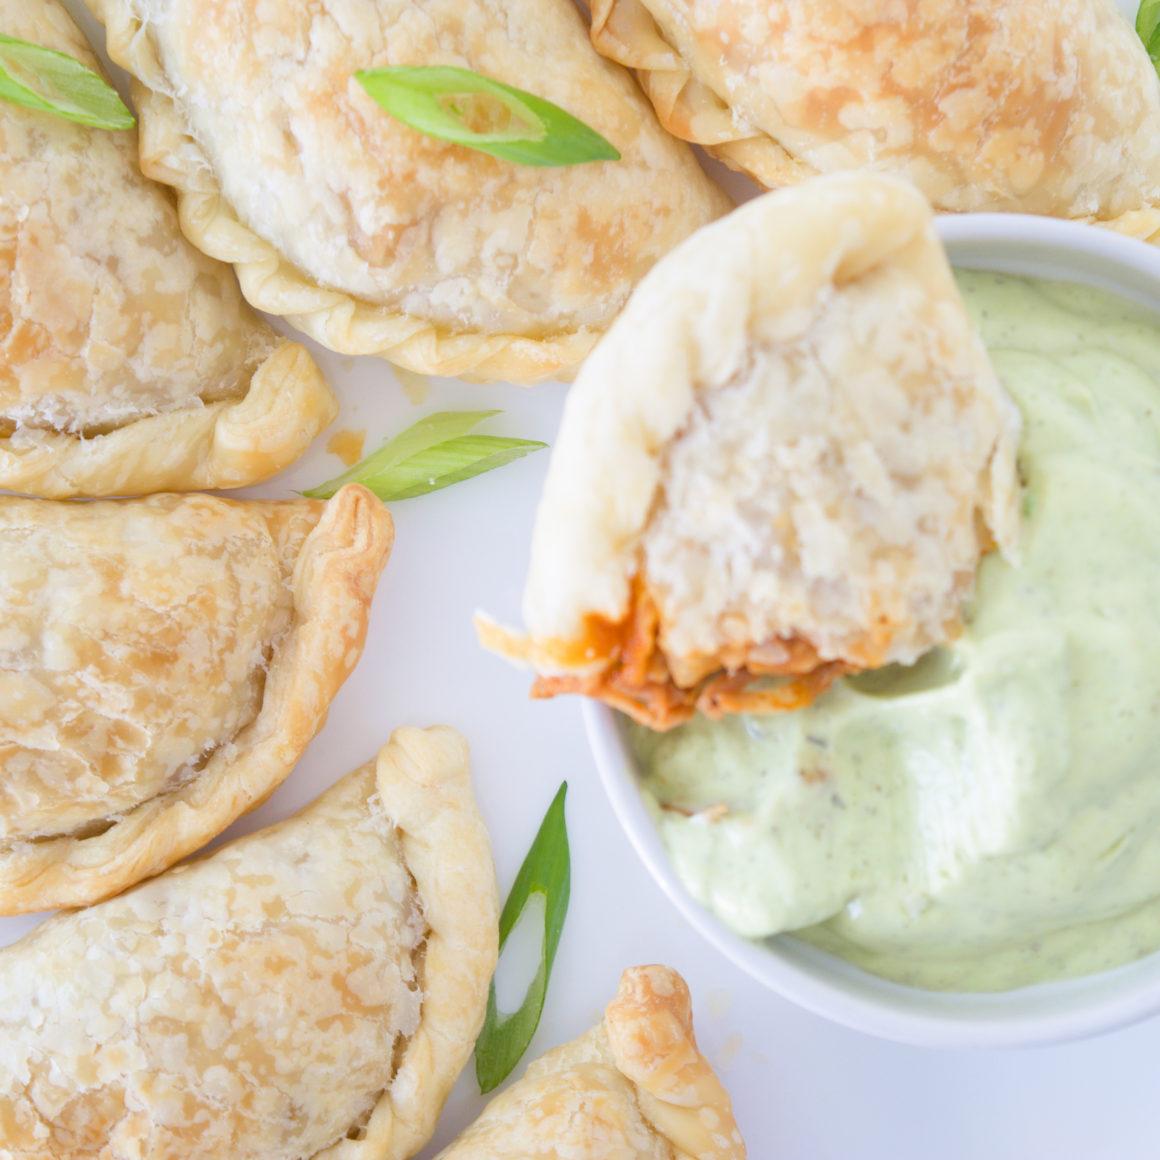 BBQ Jackfruit Empanadas